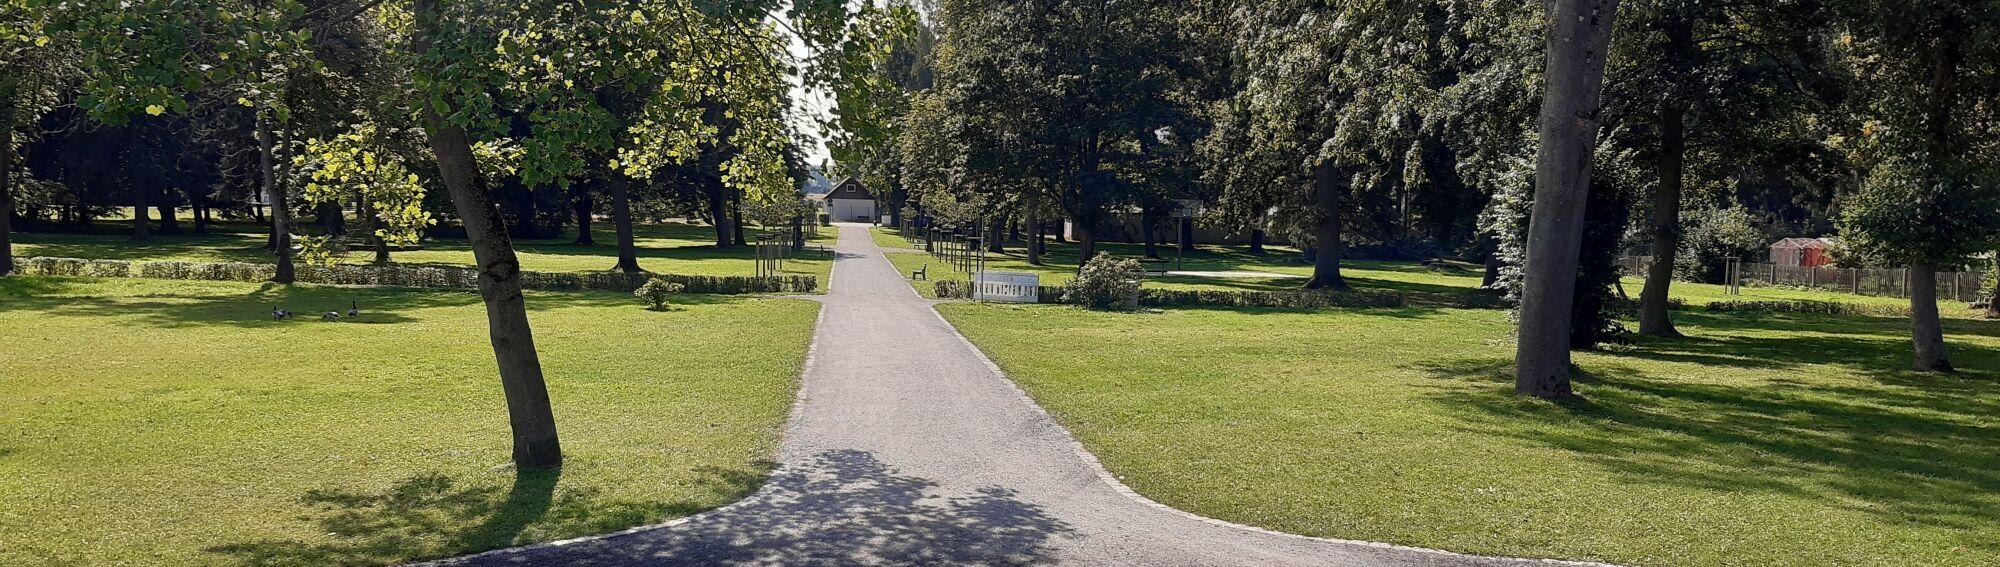 Triptiser Stadtparkt